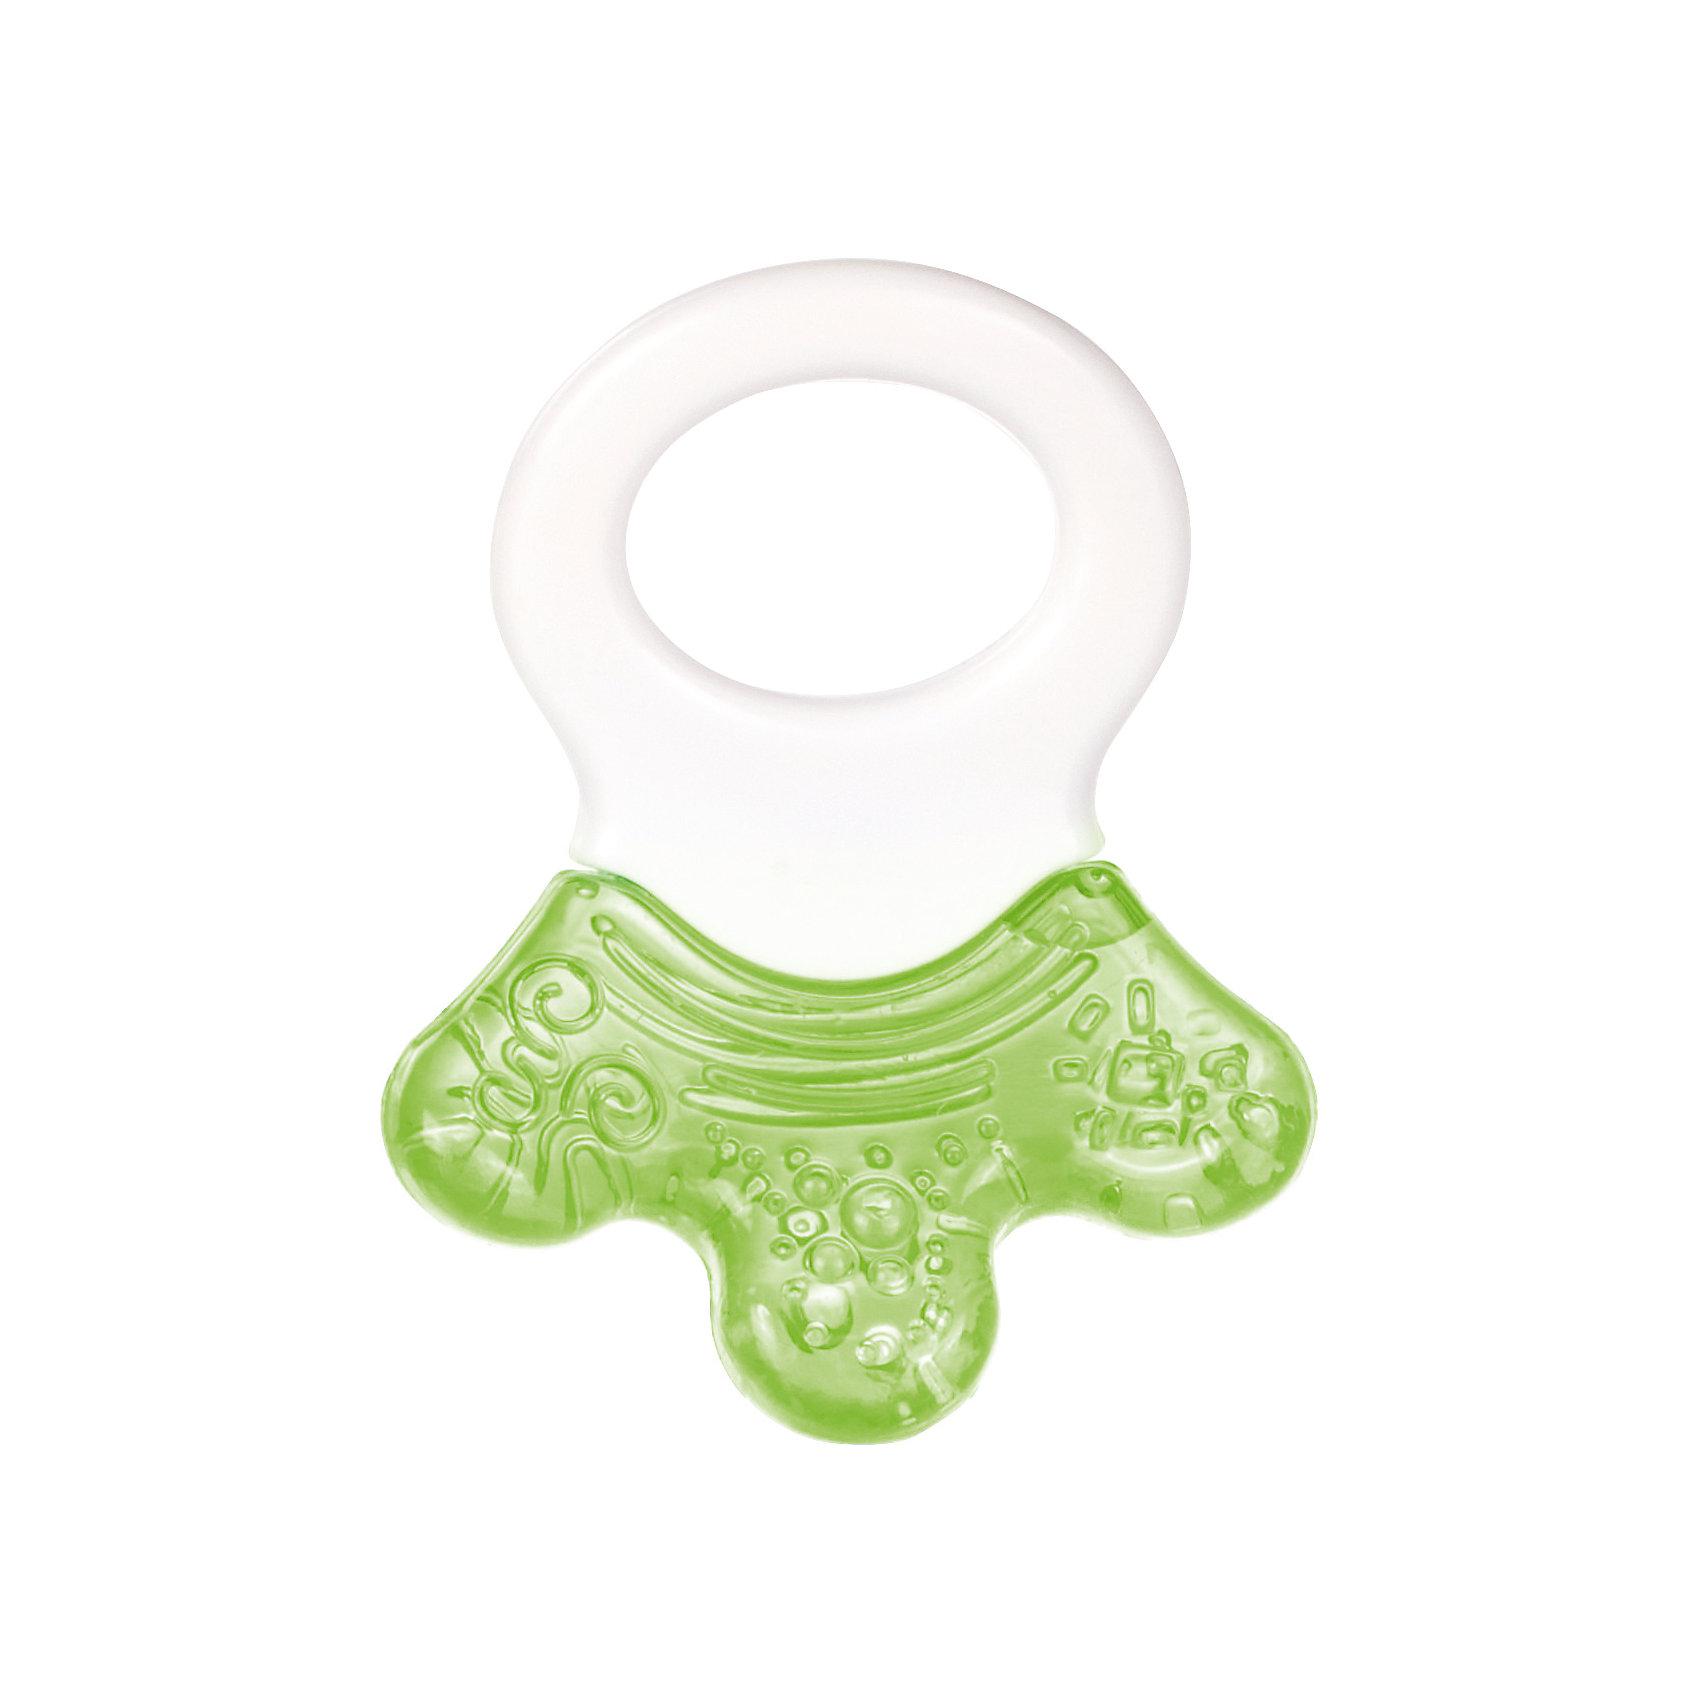 Прорезыватель водный с погремушкой - Лапка, 0+, Canpol Babies, зеленыйПрорезыватель водный с погремушкой - Лапка, 0+, Canpol Babies ( Канпол Бейбис), зеленый.<br>Характеристики:<br>• облегчает боль и снимает зуд<br>• изготовлен из безопасных материалов<br>• наполнен дистиллированной водой<br>• материал: пластик, силикон, вода<br><br>Прорезыватель водный с погремушкой - Лапка, 0+, Canpol Babies ( Канпол Бейбис), изготовлен из силикона, полностью безопасного для ребенка. Цвет- зеленый. Внутри находится дистиллированная вода, с помощью которой вы сможете охладить прорезыватель, положив его в холодильник. Прохладная игрушка снимет зуд и сведет к минимуму неприятные ощущения в деснах. Удобная ручка-погремушка, изготовленная из пластика, позволит крохе держать прорезыватель самостоятельно. Ребристая поверхность будет нежно массажировать десны ребенка. С этим прорезывателем вы сможете облегчить тяжелый период в жизни крохи!<br><br>Прорезыватель водный с погремушкой - Лапка, 0+, Canpol Babies ( Канпол Бейби), зеленый можно купить в нашем интернет – магазине.<br><br>Ширина мм: 115<br>Глубина мм: 30<br>Высота мм: 185<br>Вес г: 370<br>Возраст от месяцев: 0<br>Возраст до месяцев: 18<br>Пол: Унисекс<br>Возраст: Детский<br>SKU: 5156777